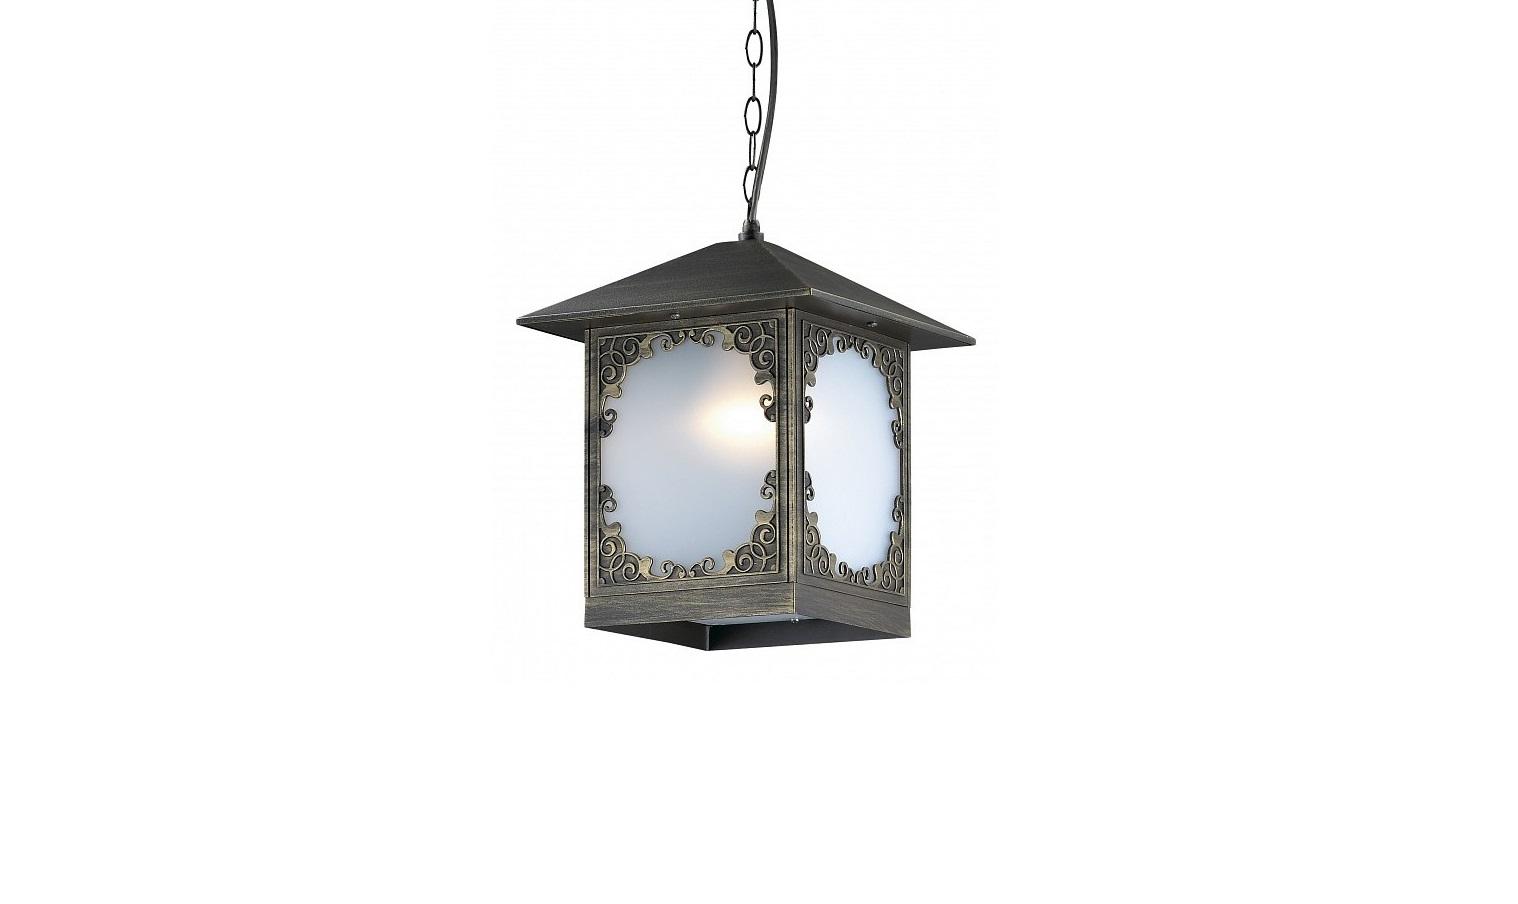 Подвесной светильник VismaПодвесные светильники<br>&amp;lt;div&amp;gt;Вид цоколя: E27&amp;lt;/div&amp;gt;&amp;lt;div&amp;gt;Мощность: 60W&amp;lt;/div&amp;gt;&amp;lt;div&amp;gt;Количество ламп: 1 (нет в комплекте)&amp;lt;/div&amp;gt;&amp;lt;div&amp;gt;&amp;lt;br&amp;gt;&amp;lt;/div&amp;gt;&amp;lt;div&amp;gt;Материал арматуры - металл&amp;lt;/div&amp;gt;&amp;lt;div&amp;gt;Материал плафонов и подвесок - полимер&amp;lt;/div&amp;gt;<br><br>Material: Металл<br>Ширина см: 29<br>Высота см: 112<br>Глубина см: 29